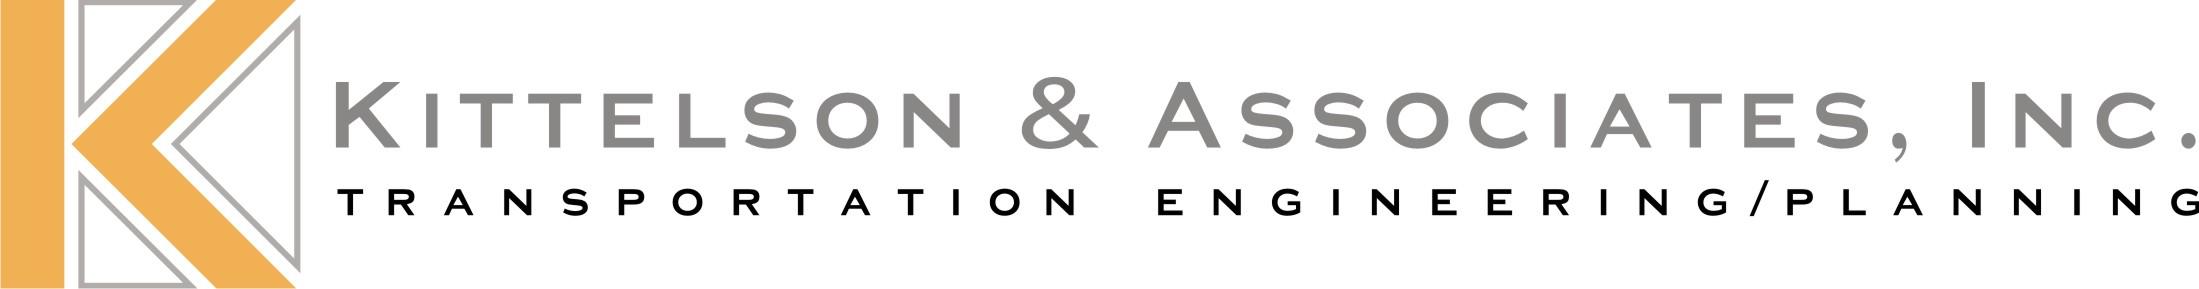 KAI_logo.jpg